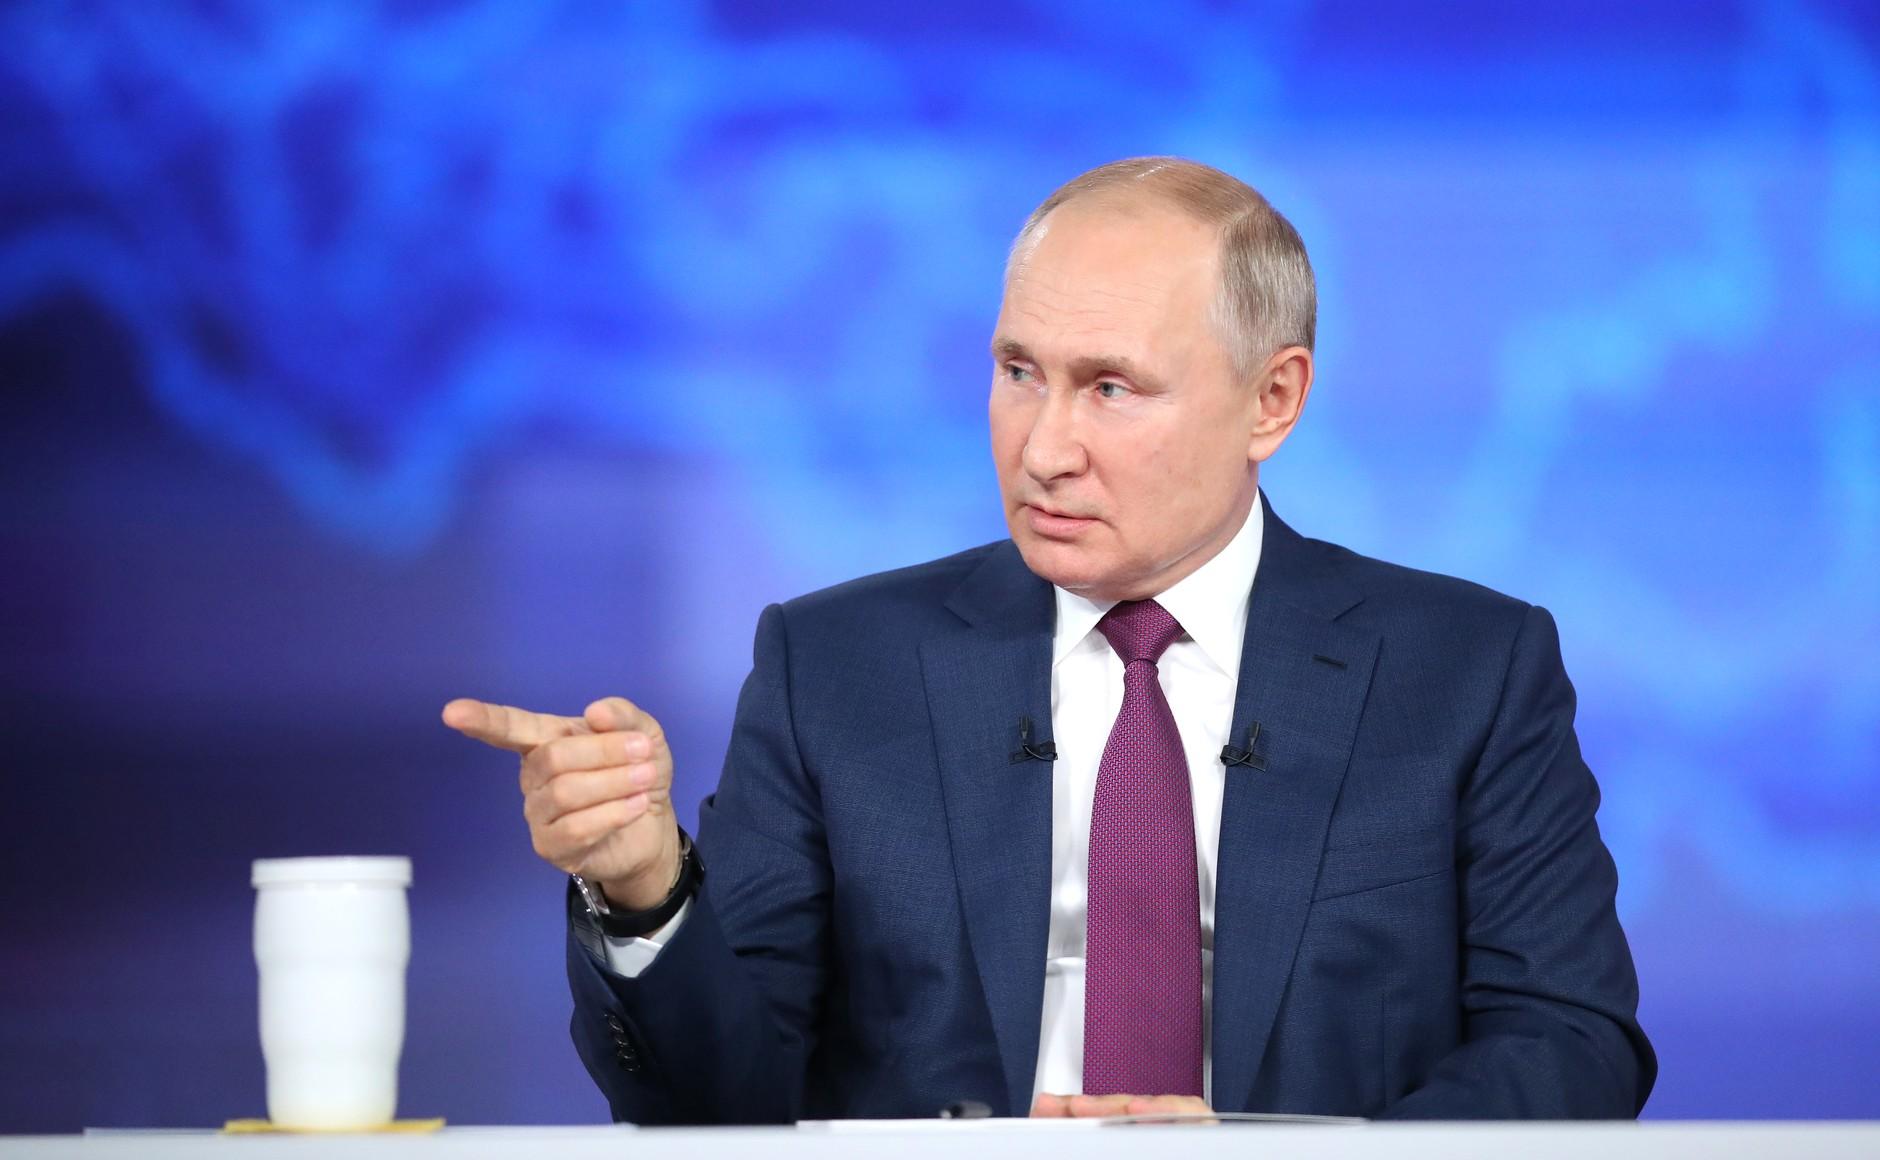 Я задал вопрос Путину и получил на него ответ